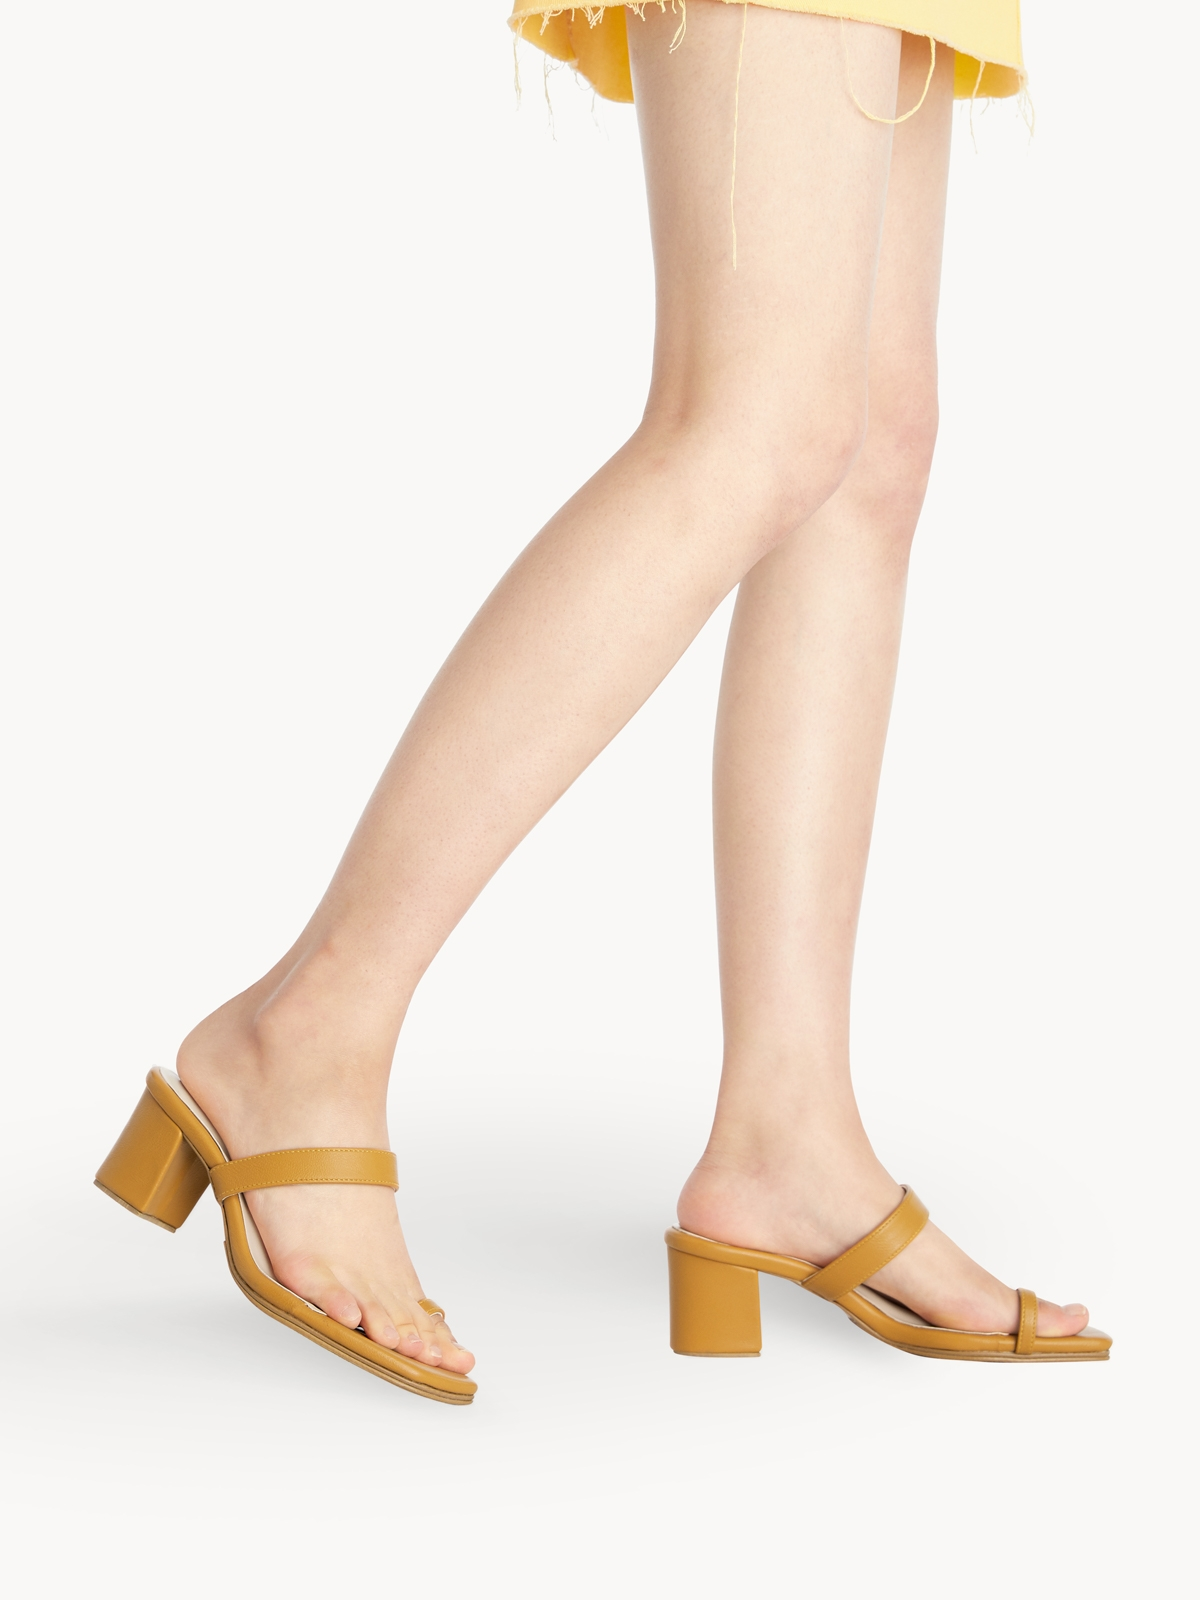 Femme Studio Charlotte Block Heels Yellow